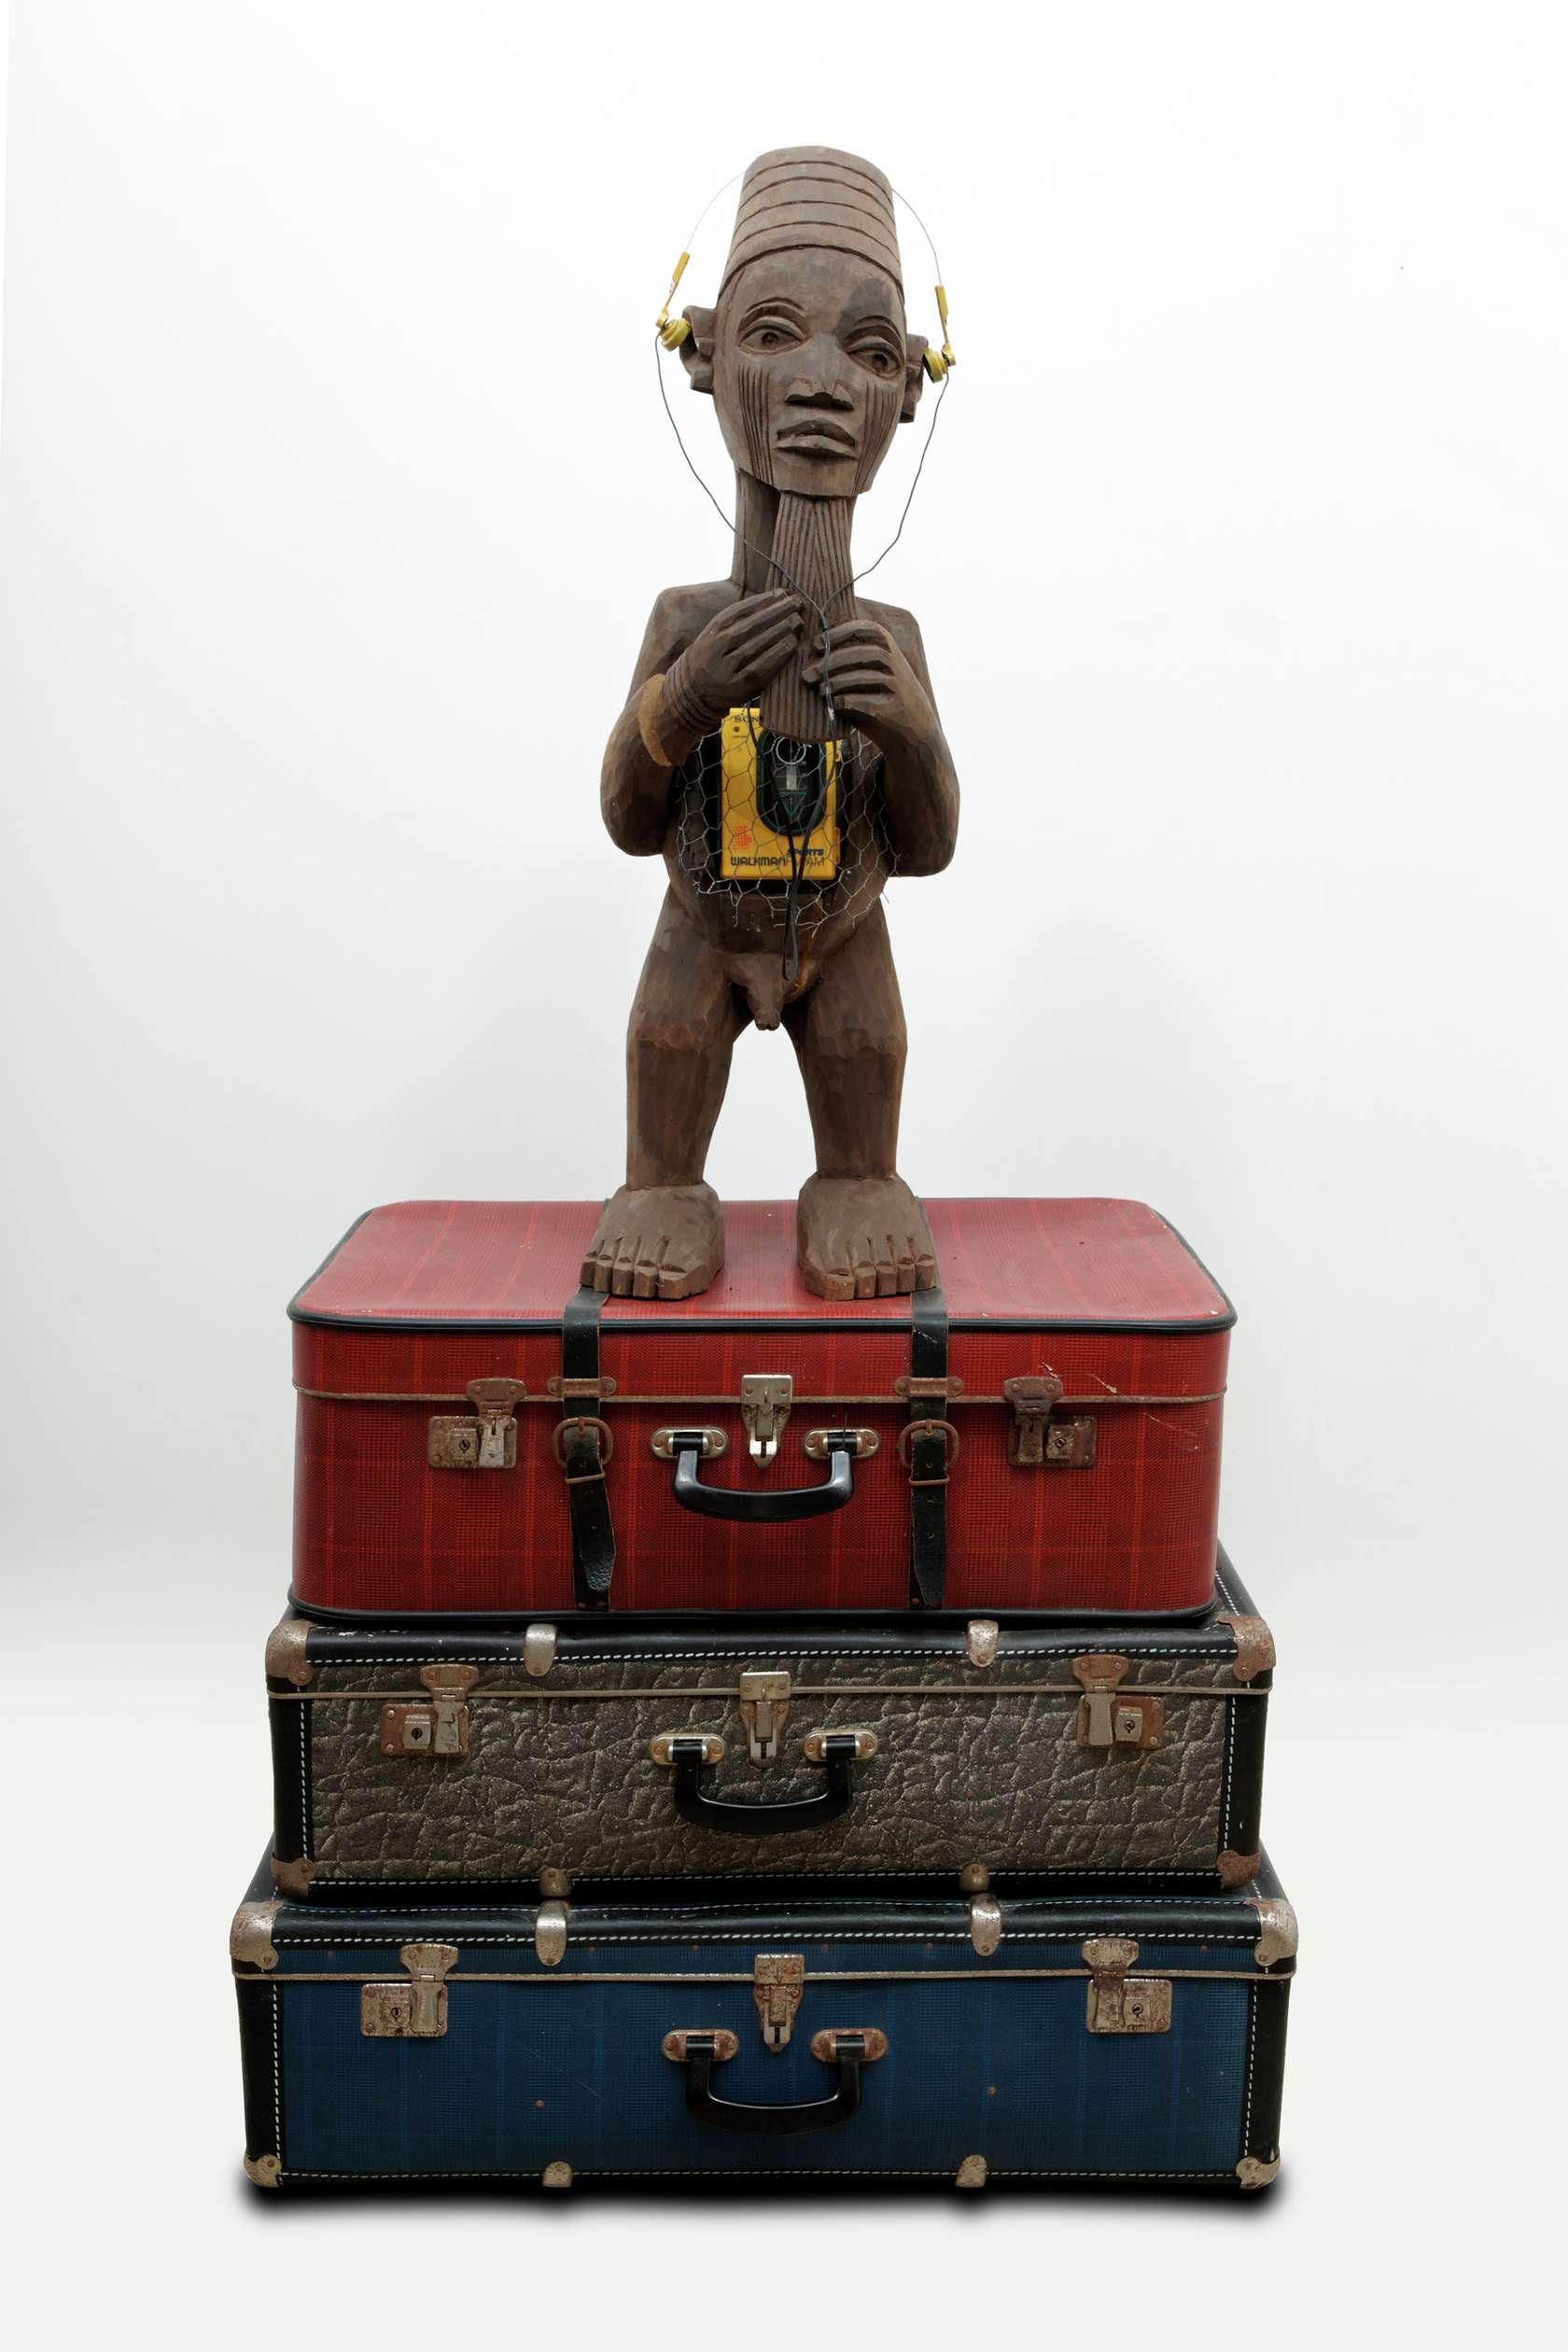 Présence Panchounette, Bateke (walkman), 1985 Statue en bois exotique, grillage, walkman et valises158 x 80 x 55 cm / 62 2/8 x 31 1/2 x 21 5/8 inches